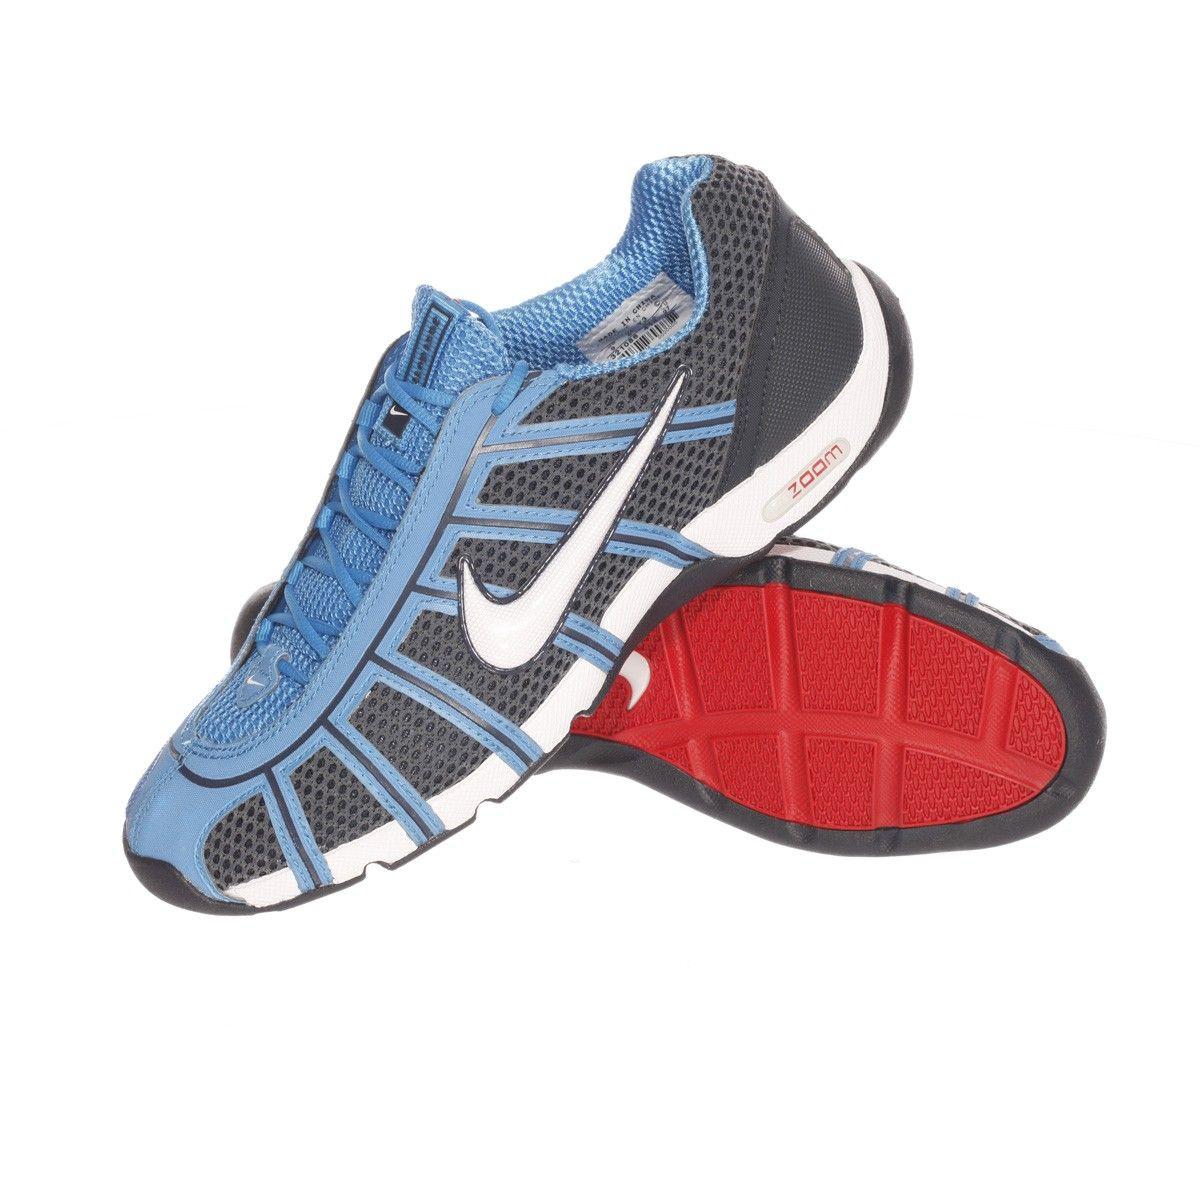 Обувь фехтовальная NIKE Air Zoom Fencer OBSIDIANWHITE-LT PHOTO BLUE 414